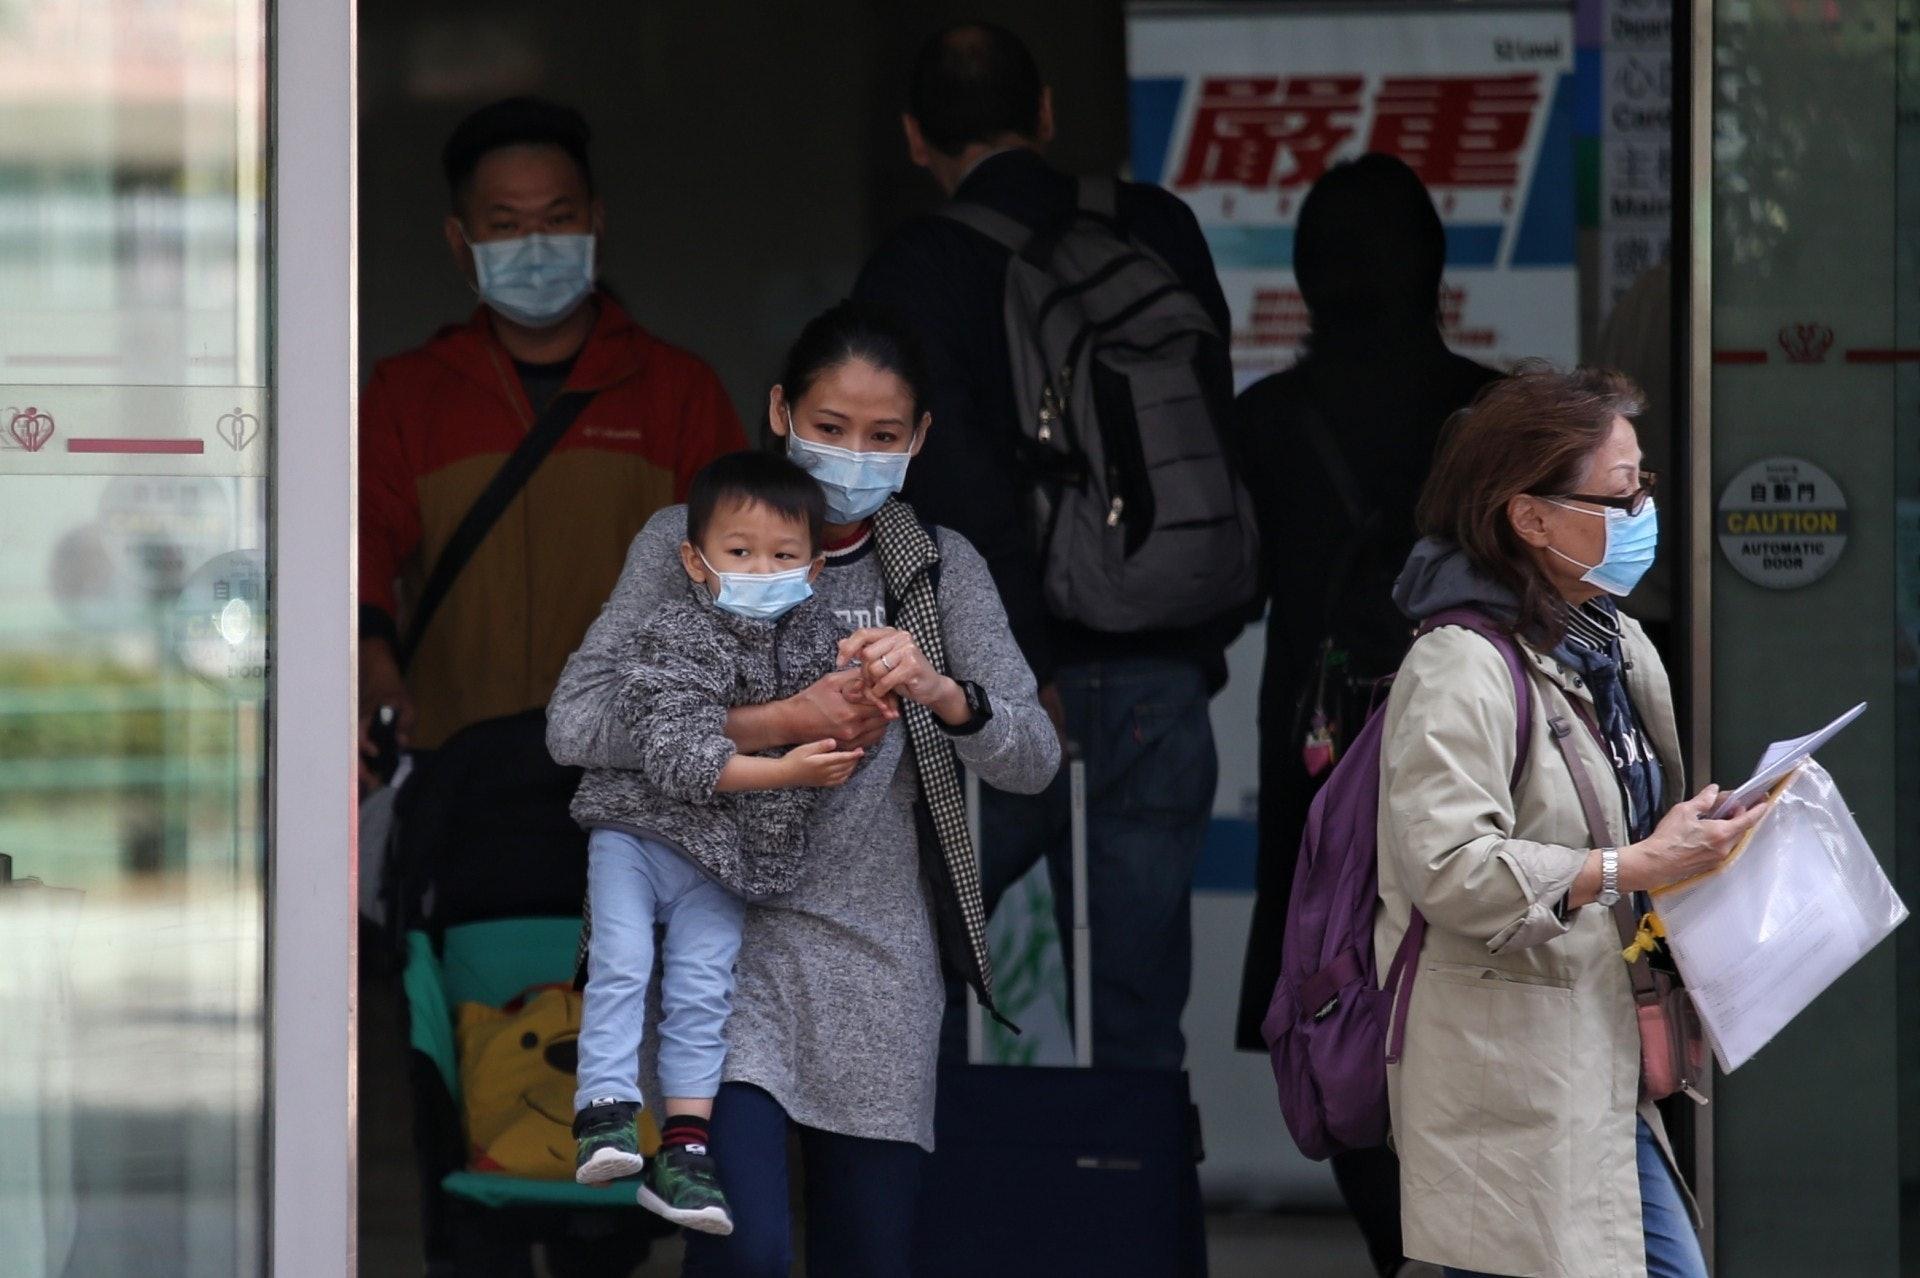 因應新冠肺炎的爆發,市民人心惶惶,但目前仍未研發出可用的疫苗及藥物。(資料圖片/梁鵬威攝)